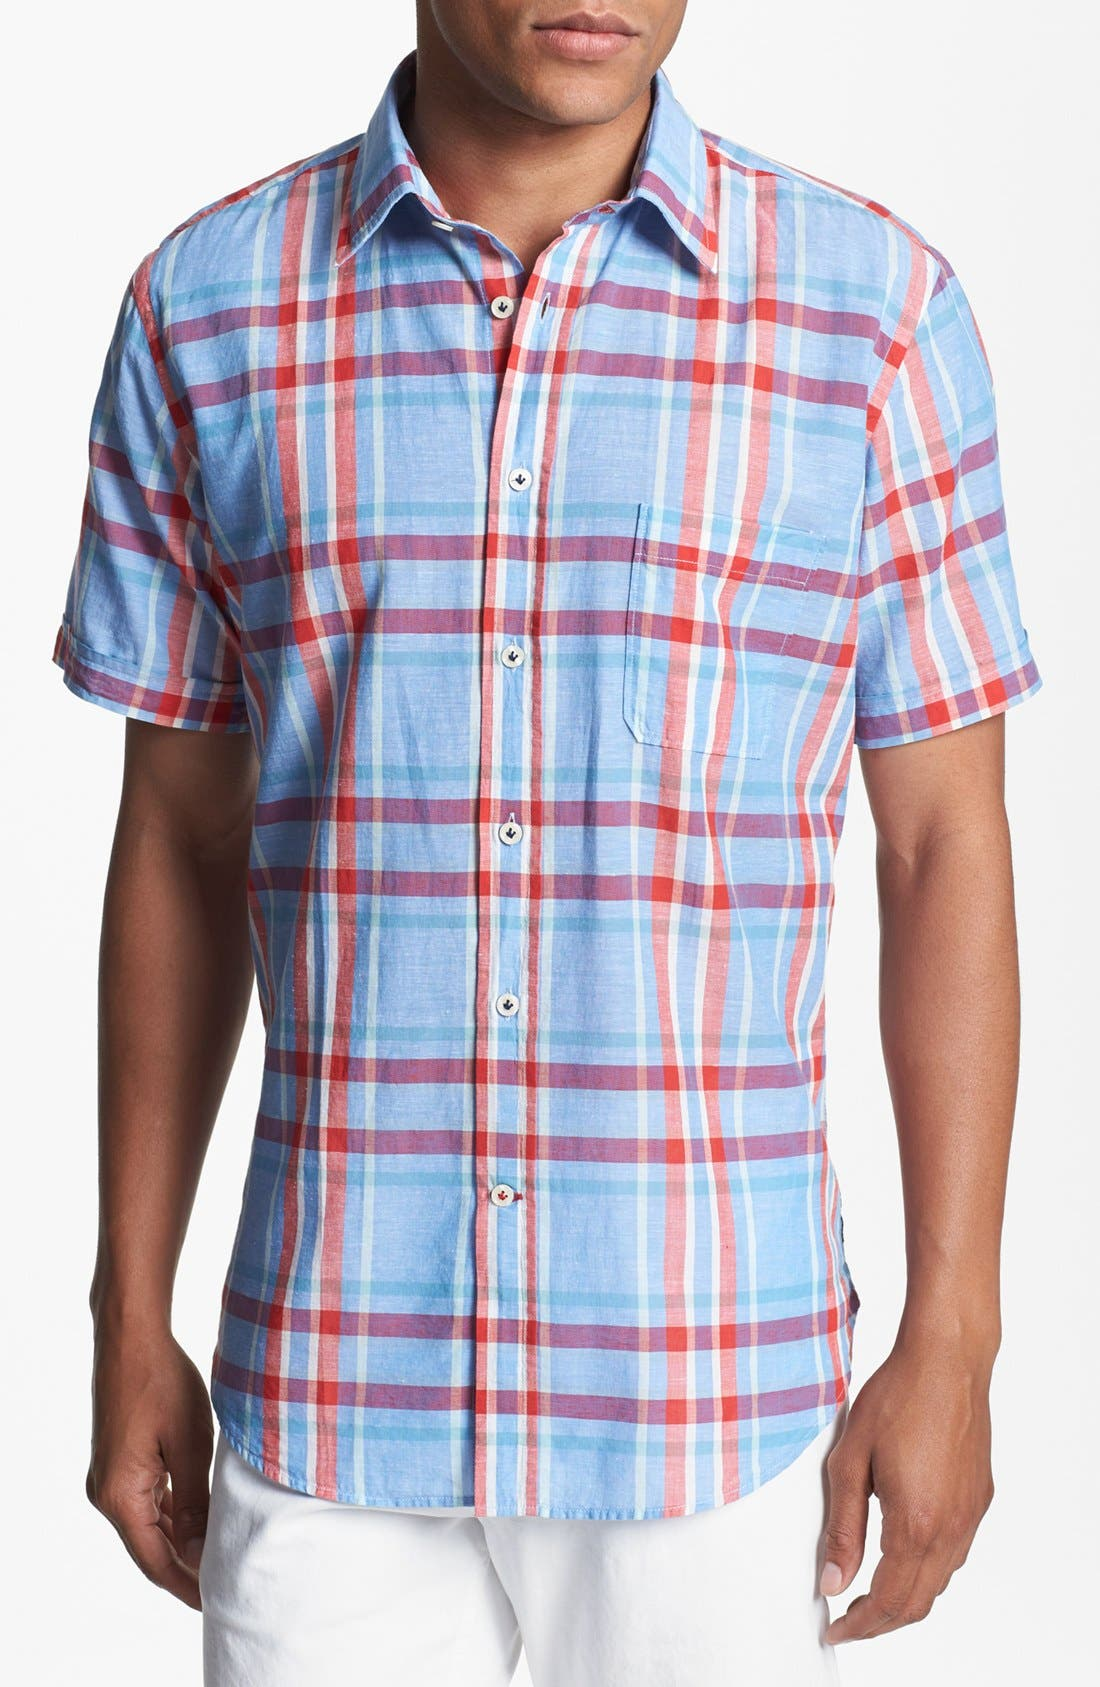 Main Image - Benson Plaid Short Sleeve Sport Shirt